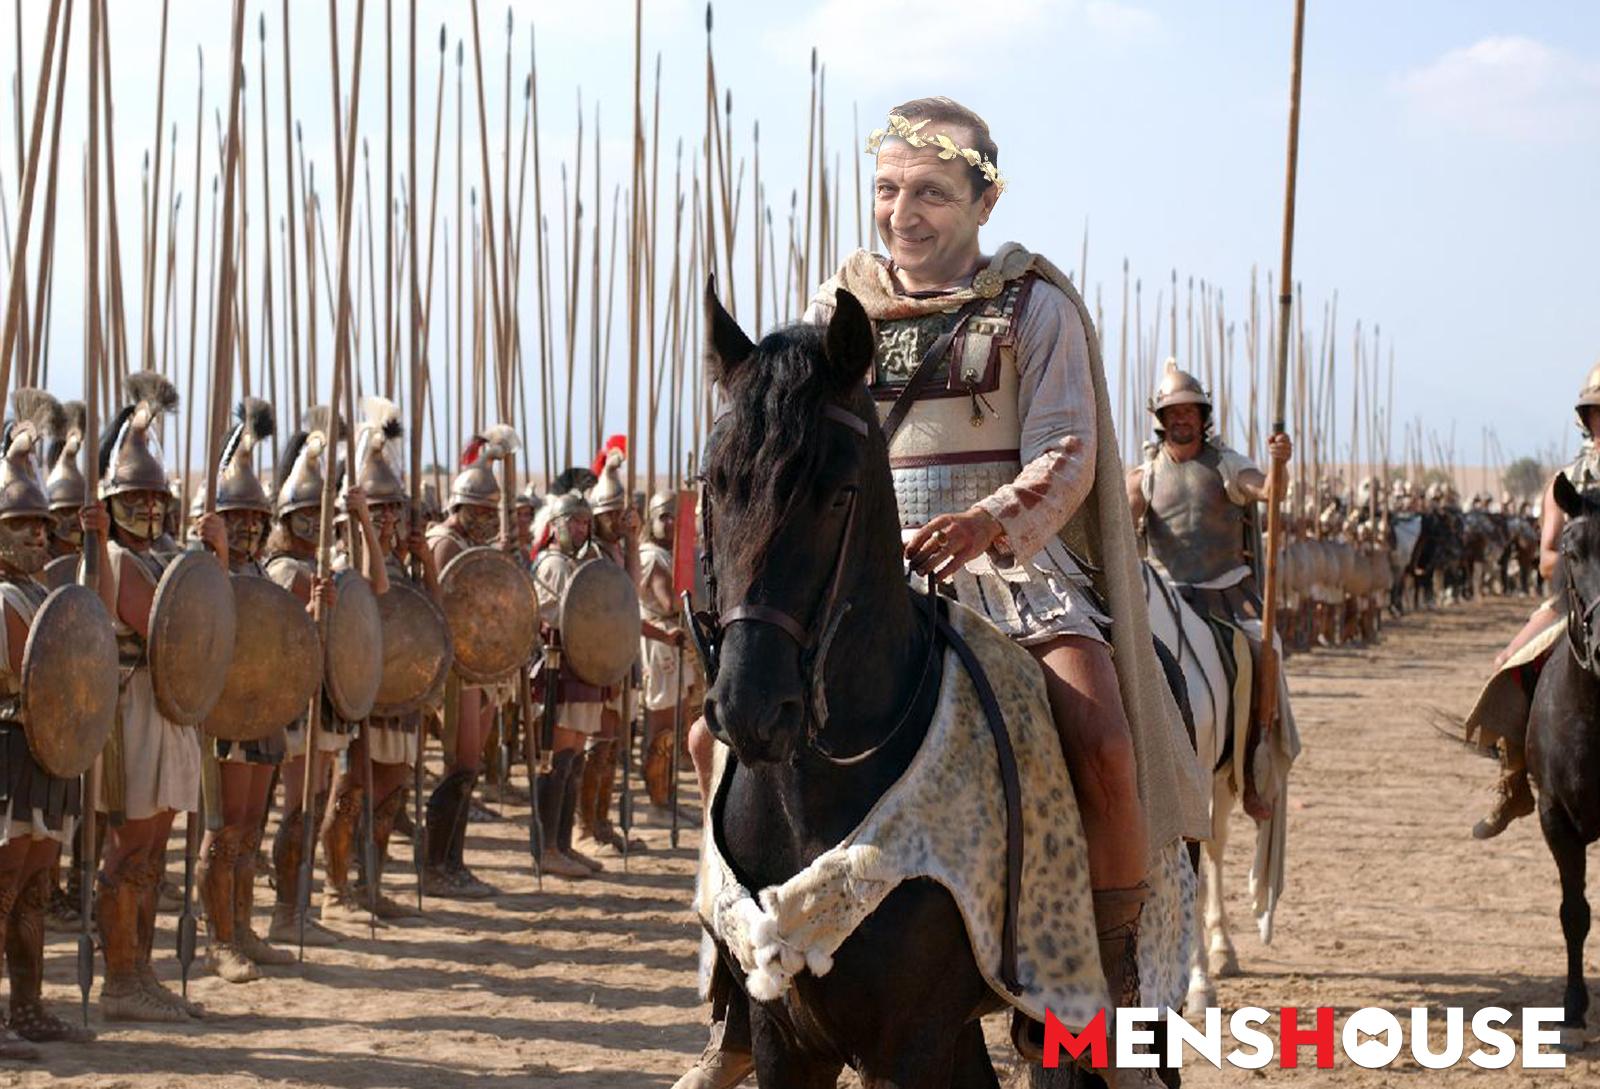 Η επίλεκτη ομάδα Κ: Αυτοί είναι οι 7 κομάντος που θα ριχτούν πρώτοι στη μάχη αν συγκρουστούμε με τους Τούρκους (Pics)